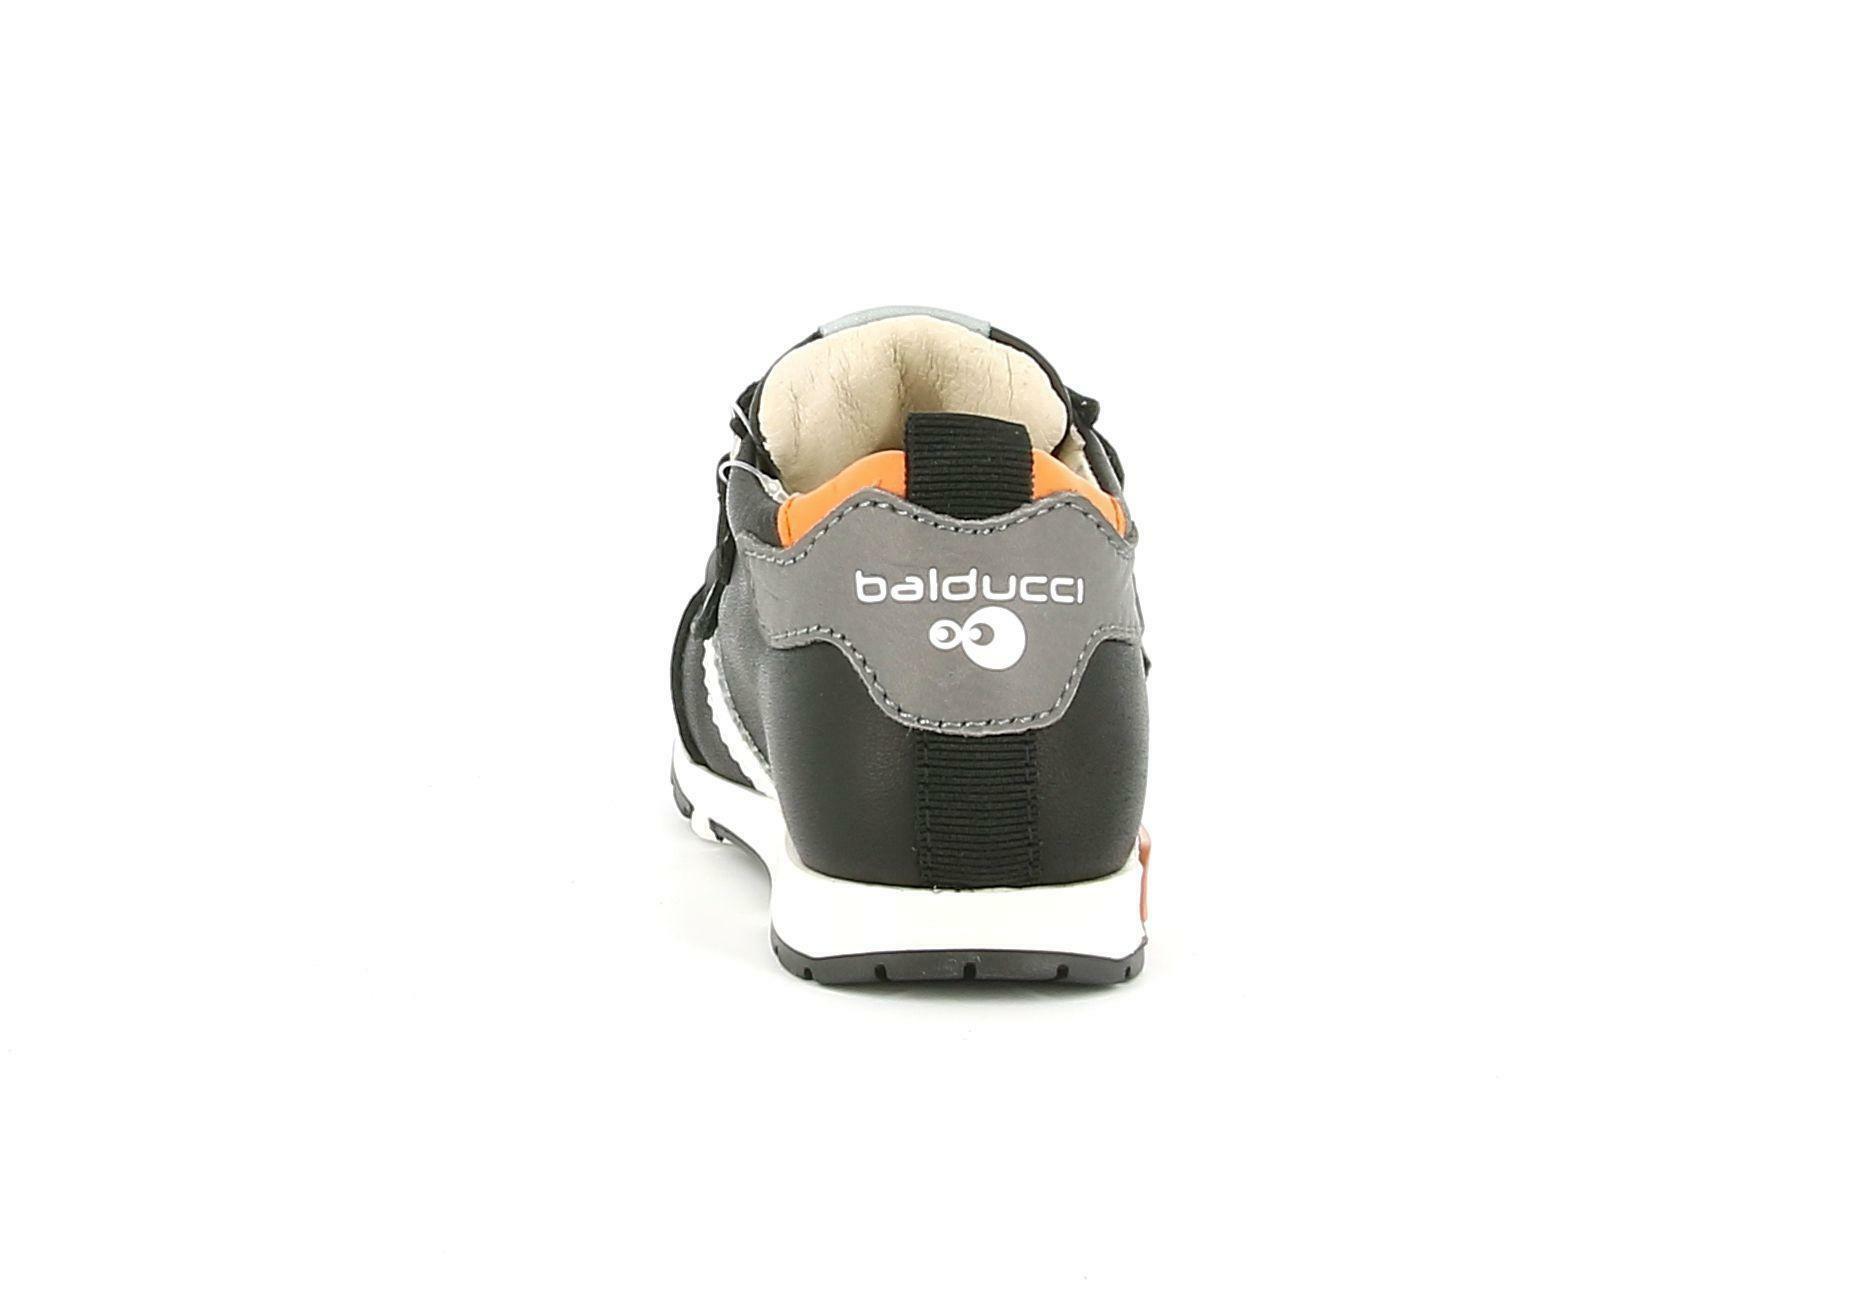 balducci balducci csport4402 strappo sportivo bambino nero